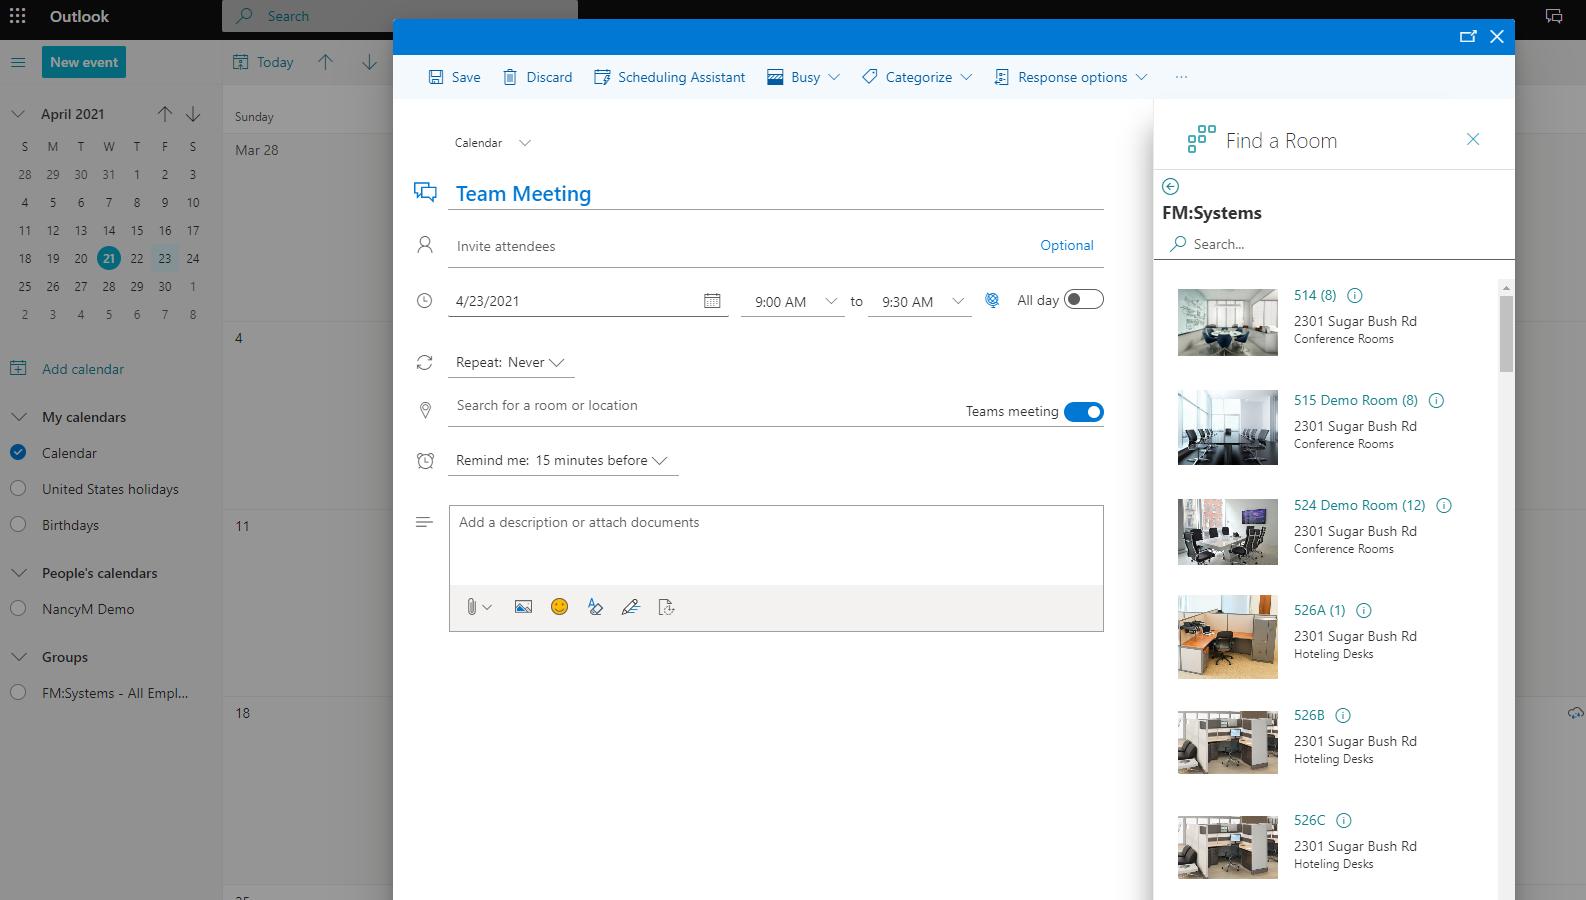 FMS:Employee Schedule Meeting